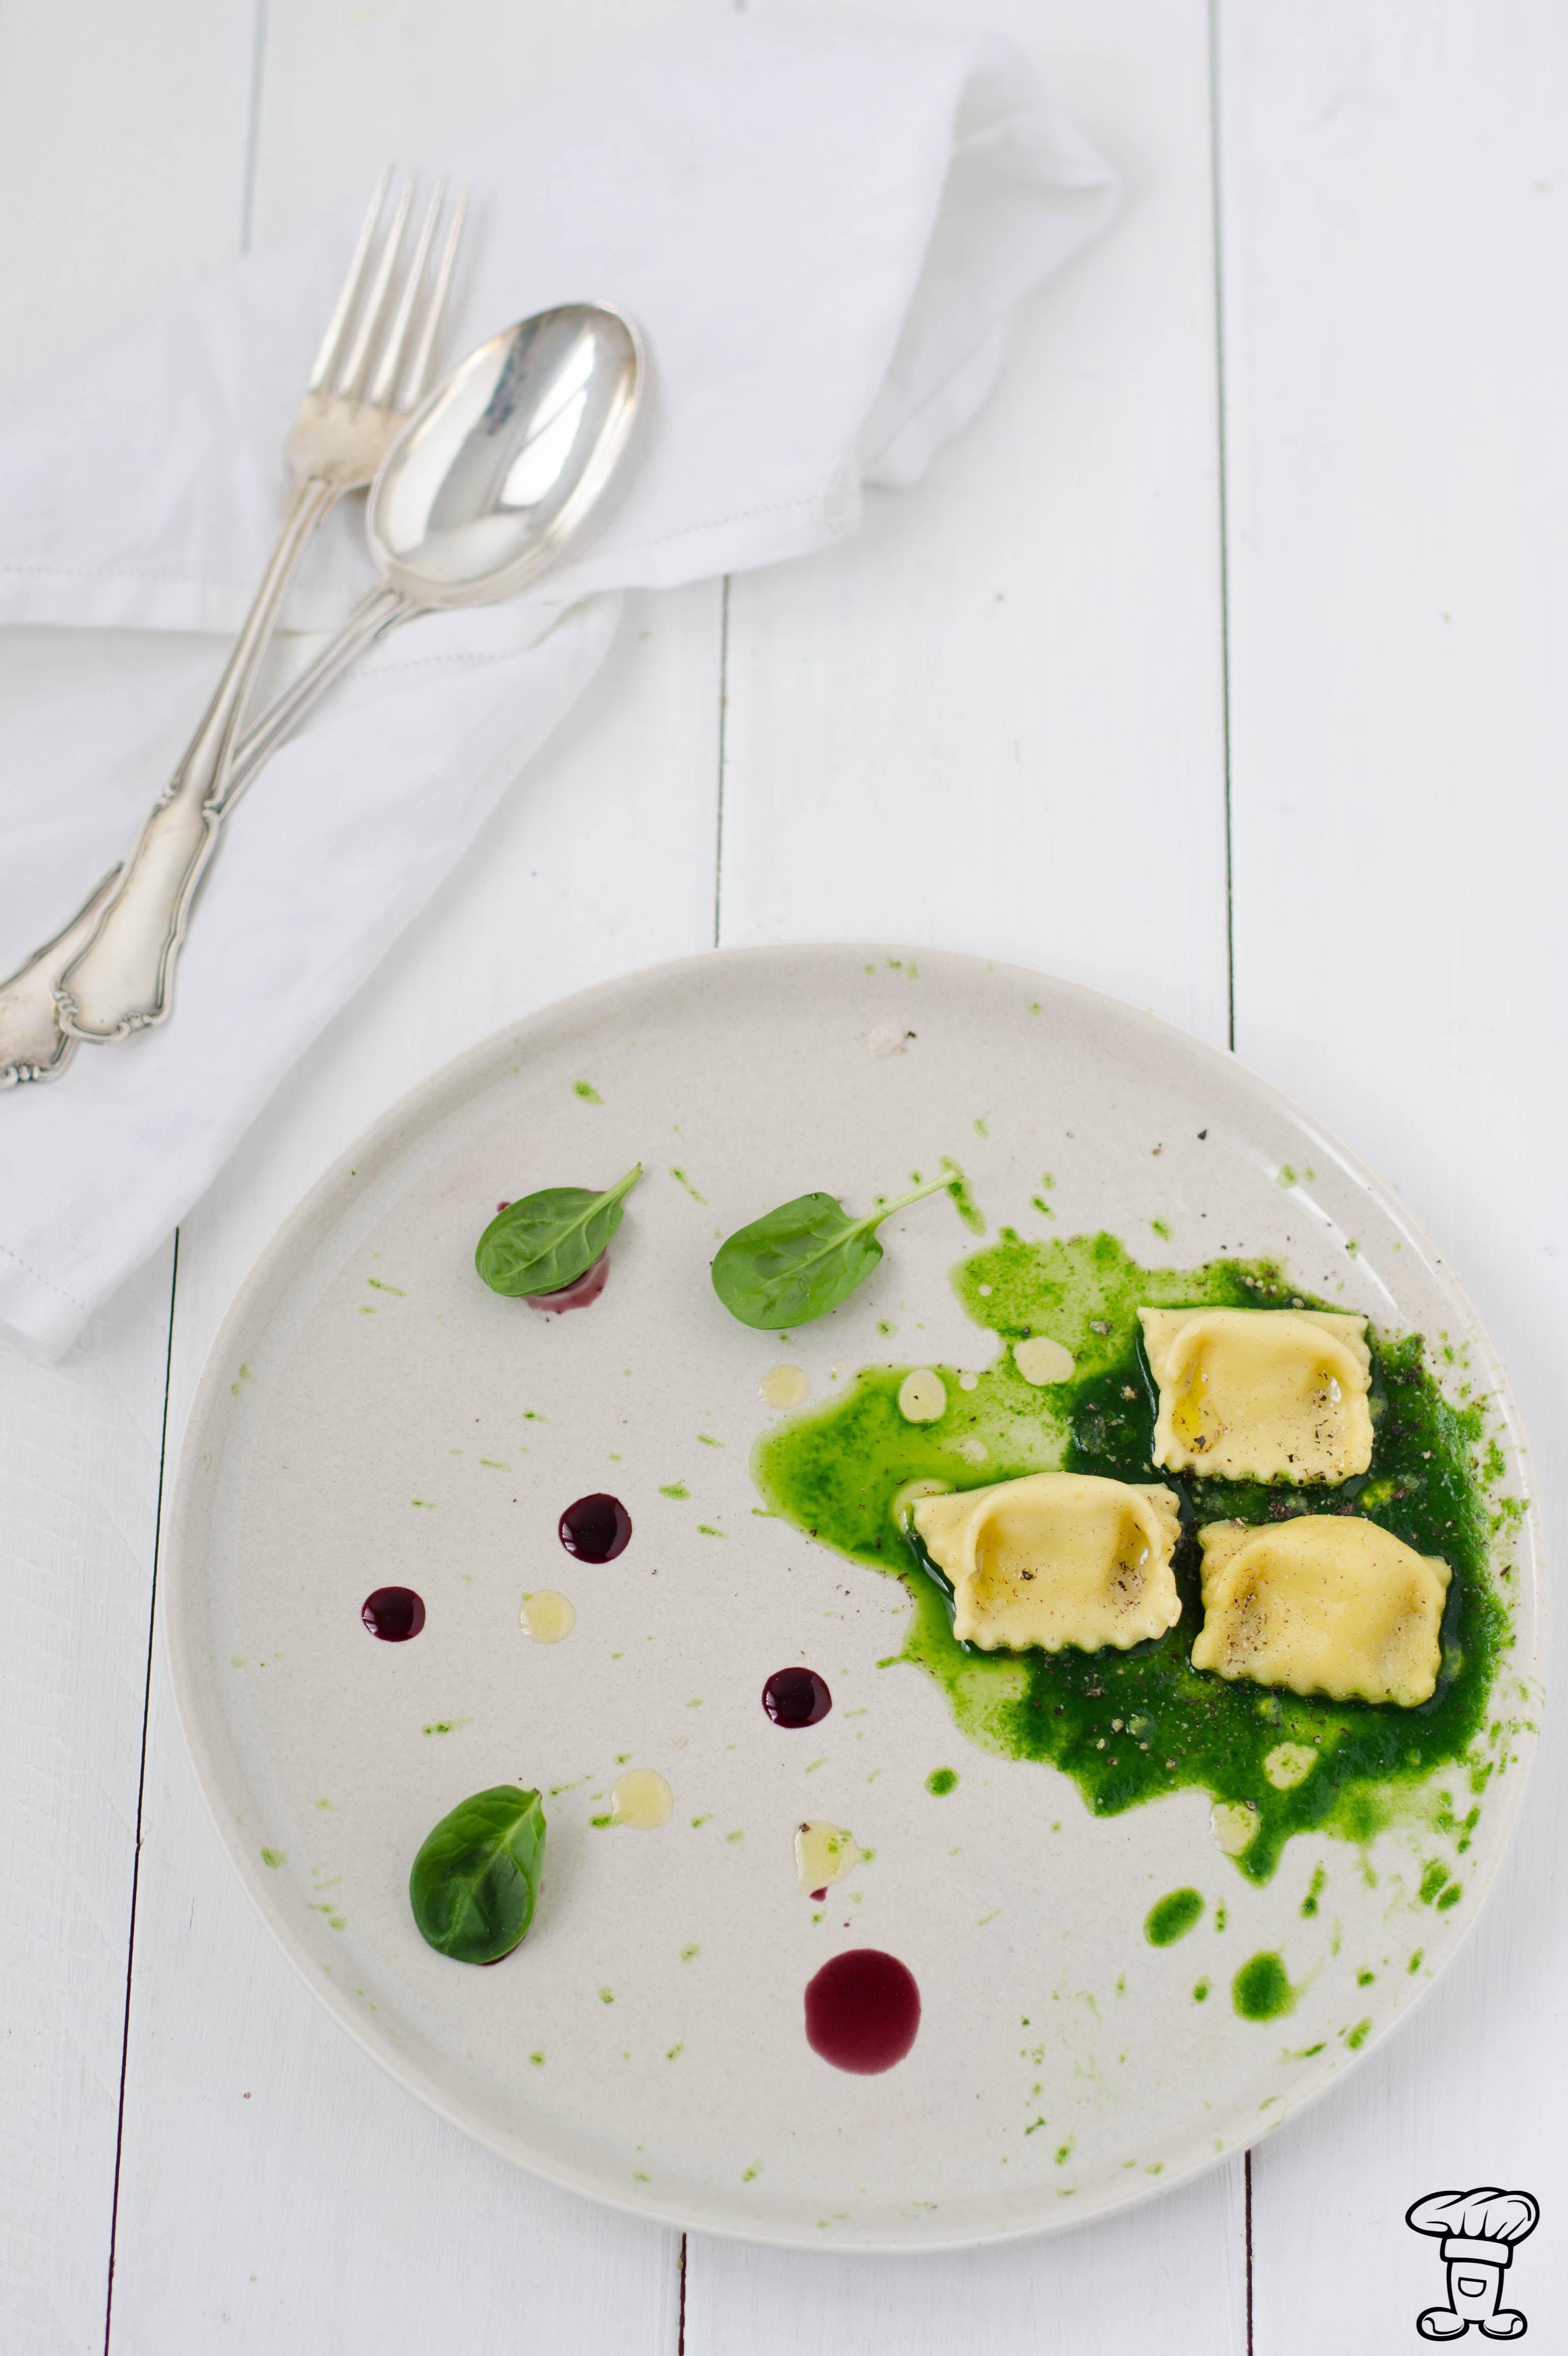 Ravioli_ricotta_nocemoscata_vaniglia Ravioli di ricotta di capra, noce moscata e riduzione di vino alla vaniglia.